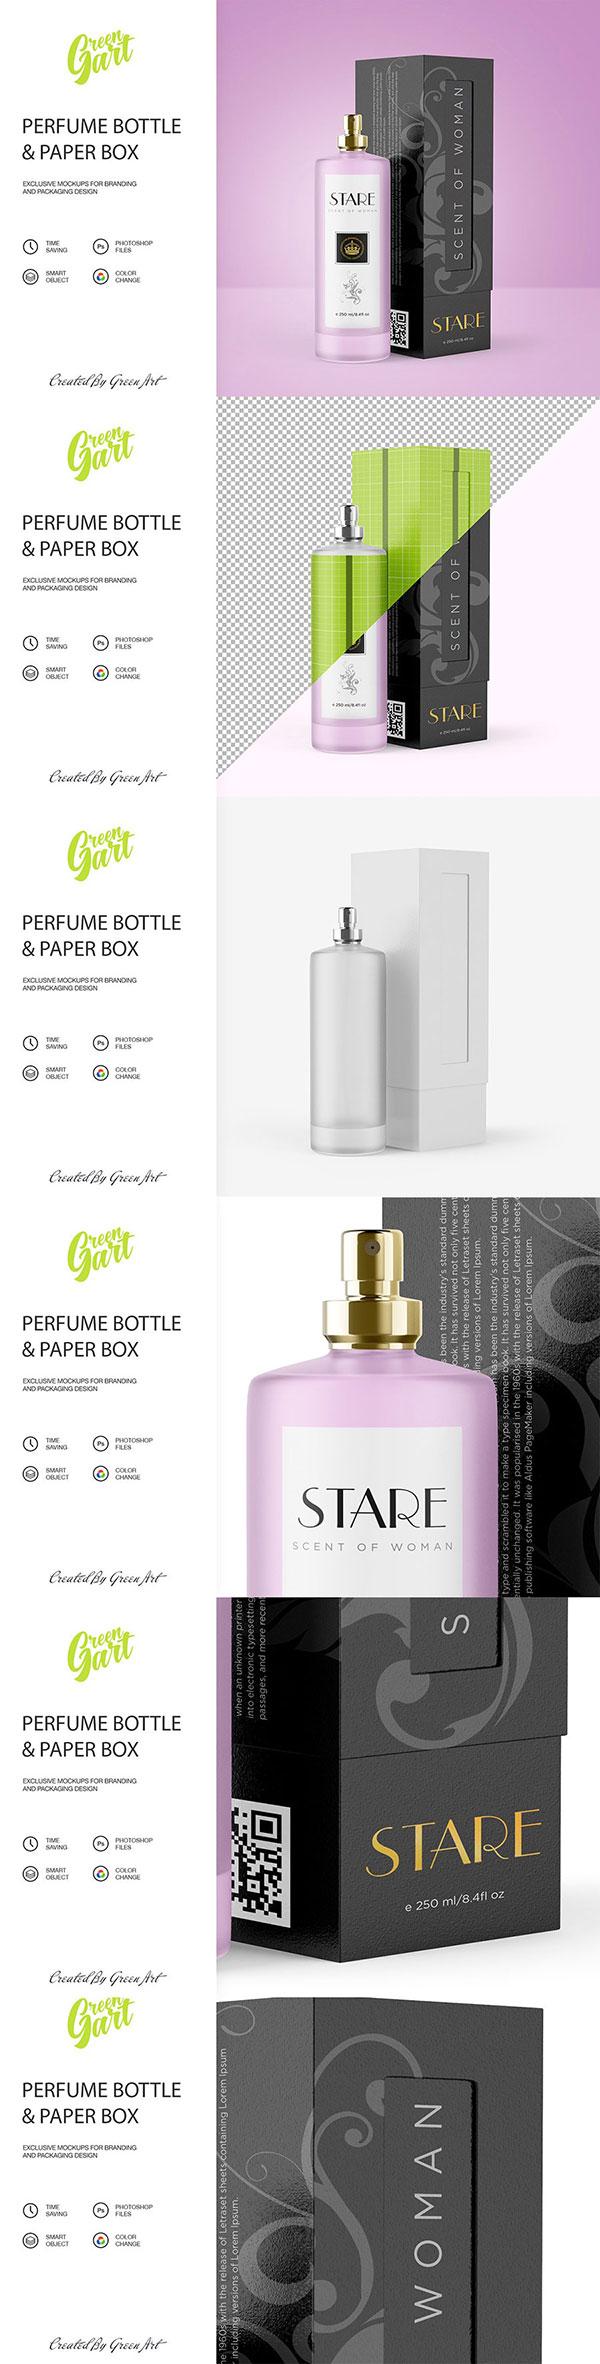 香水包装样机